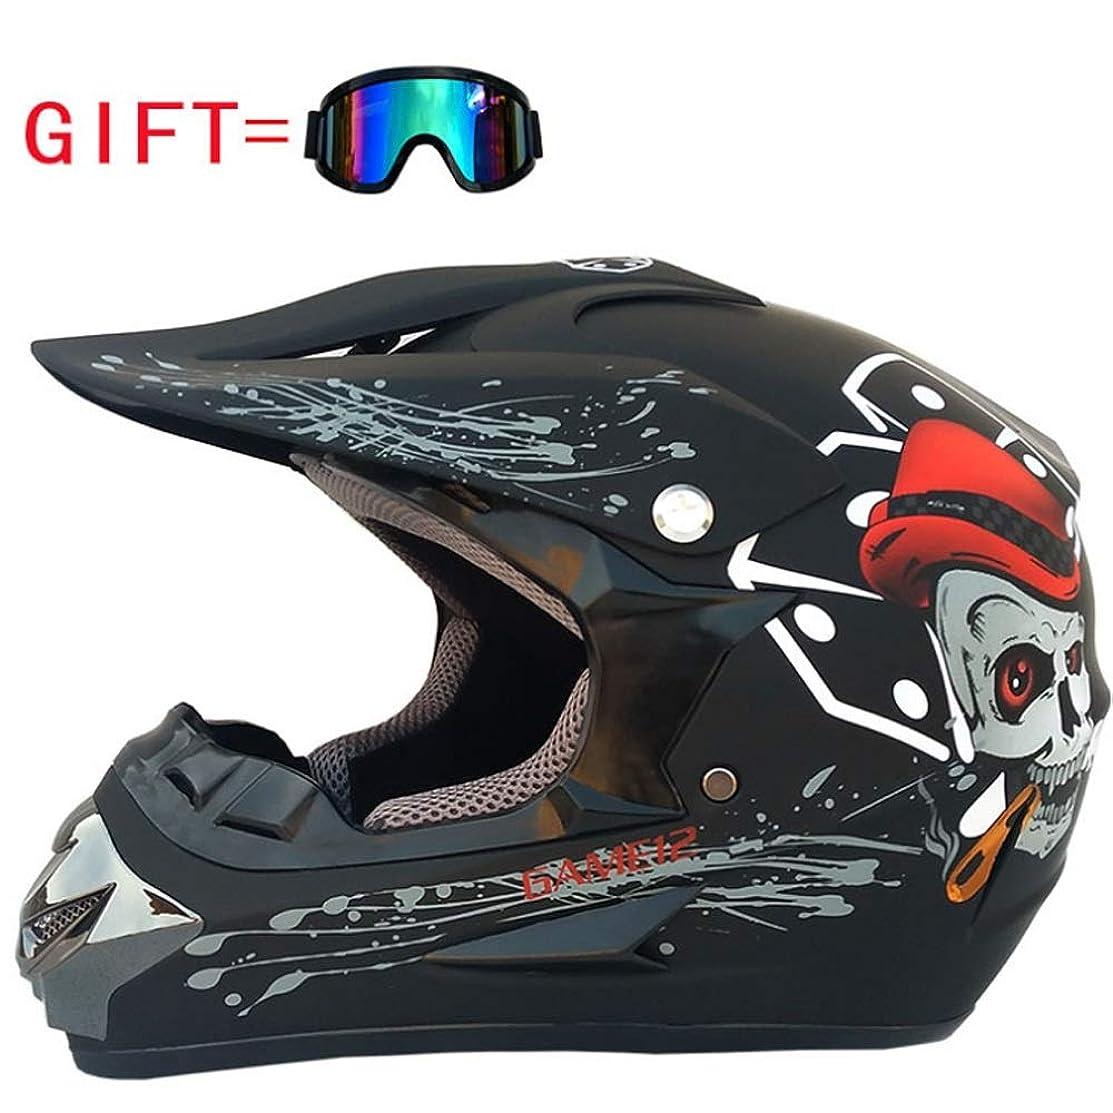 スキニー折り目天国オートバイ用ヘルメットバイク用ヘルメットアダルトフルフェイスヘルメットバイザーオフロードレーシングモトクロス/ゴーグル (色 : Bright black floral, サイズ さいず : L l)